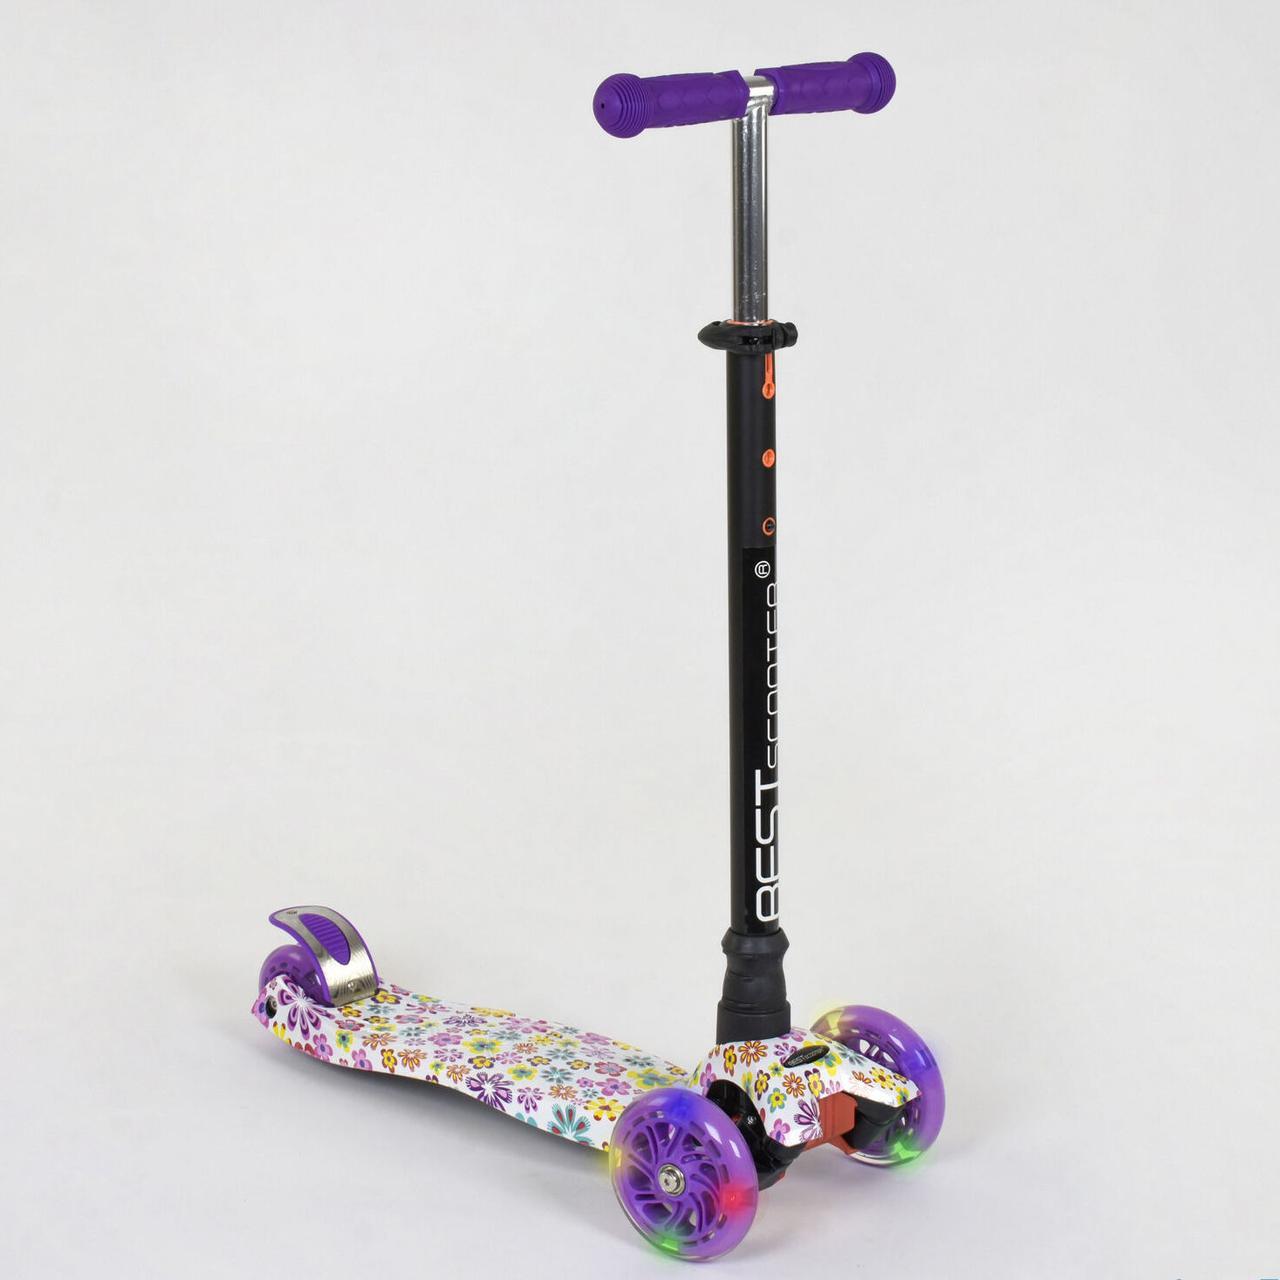 Самокат Scooter Best Maxi (с регулировкой ручки и светящимися колесами) арт. 1326 (25528)